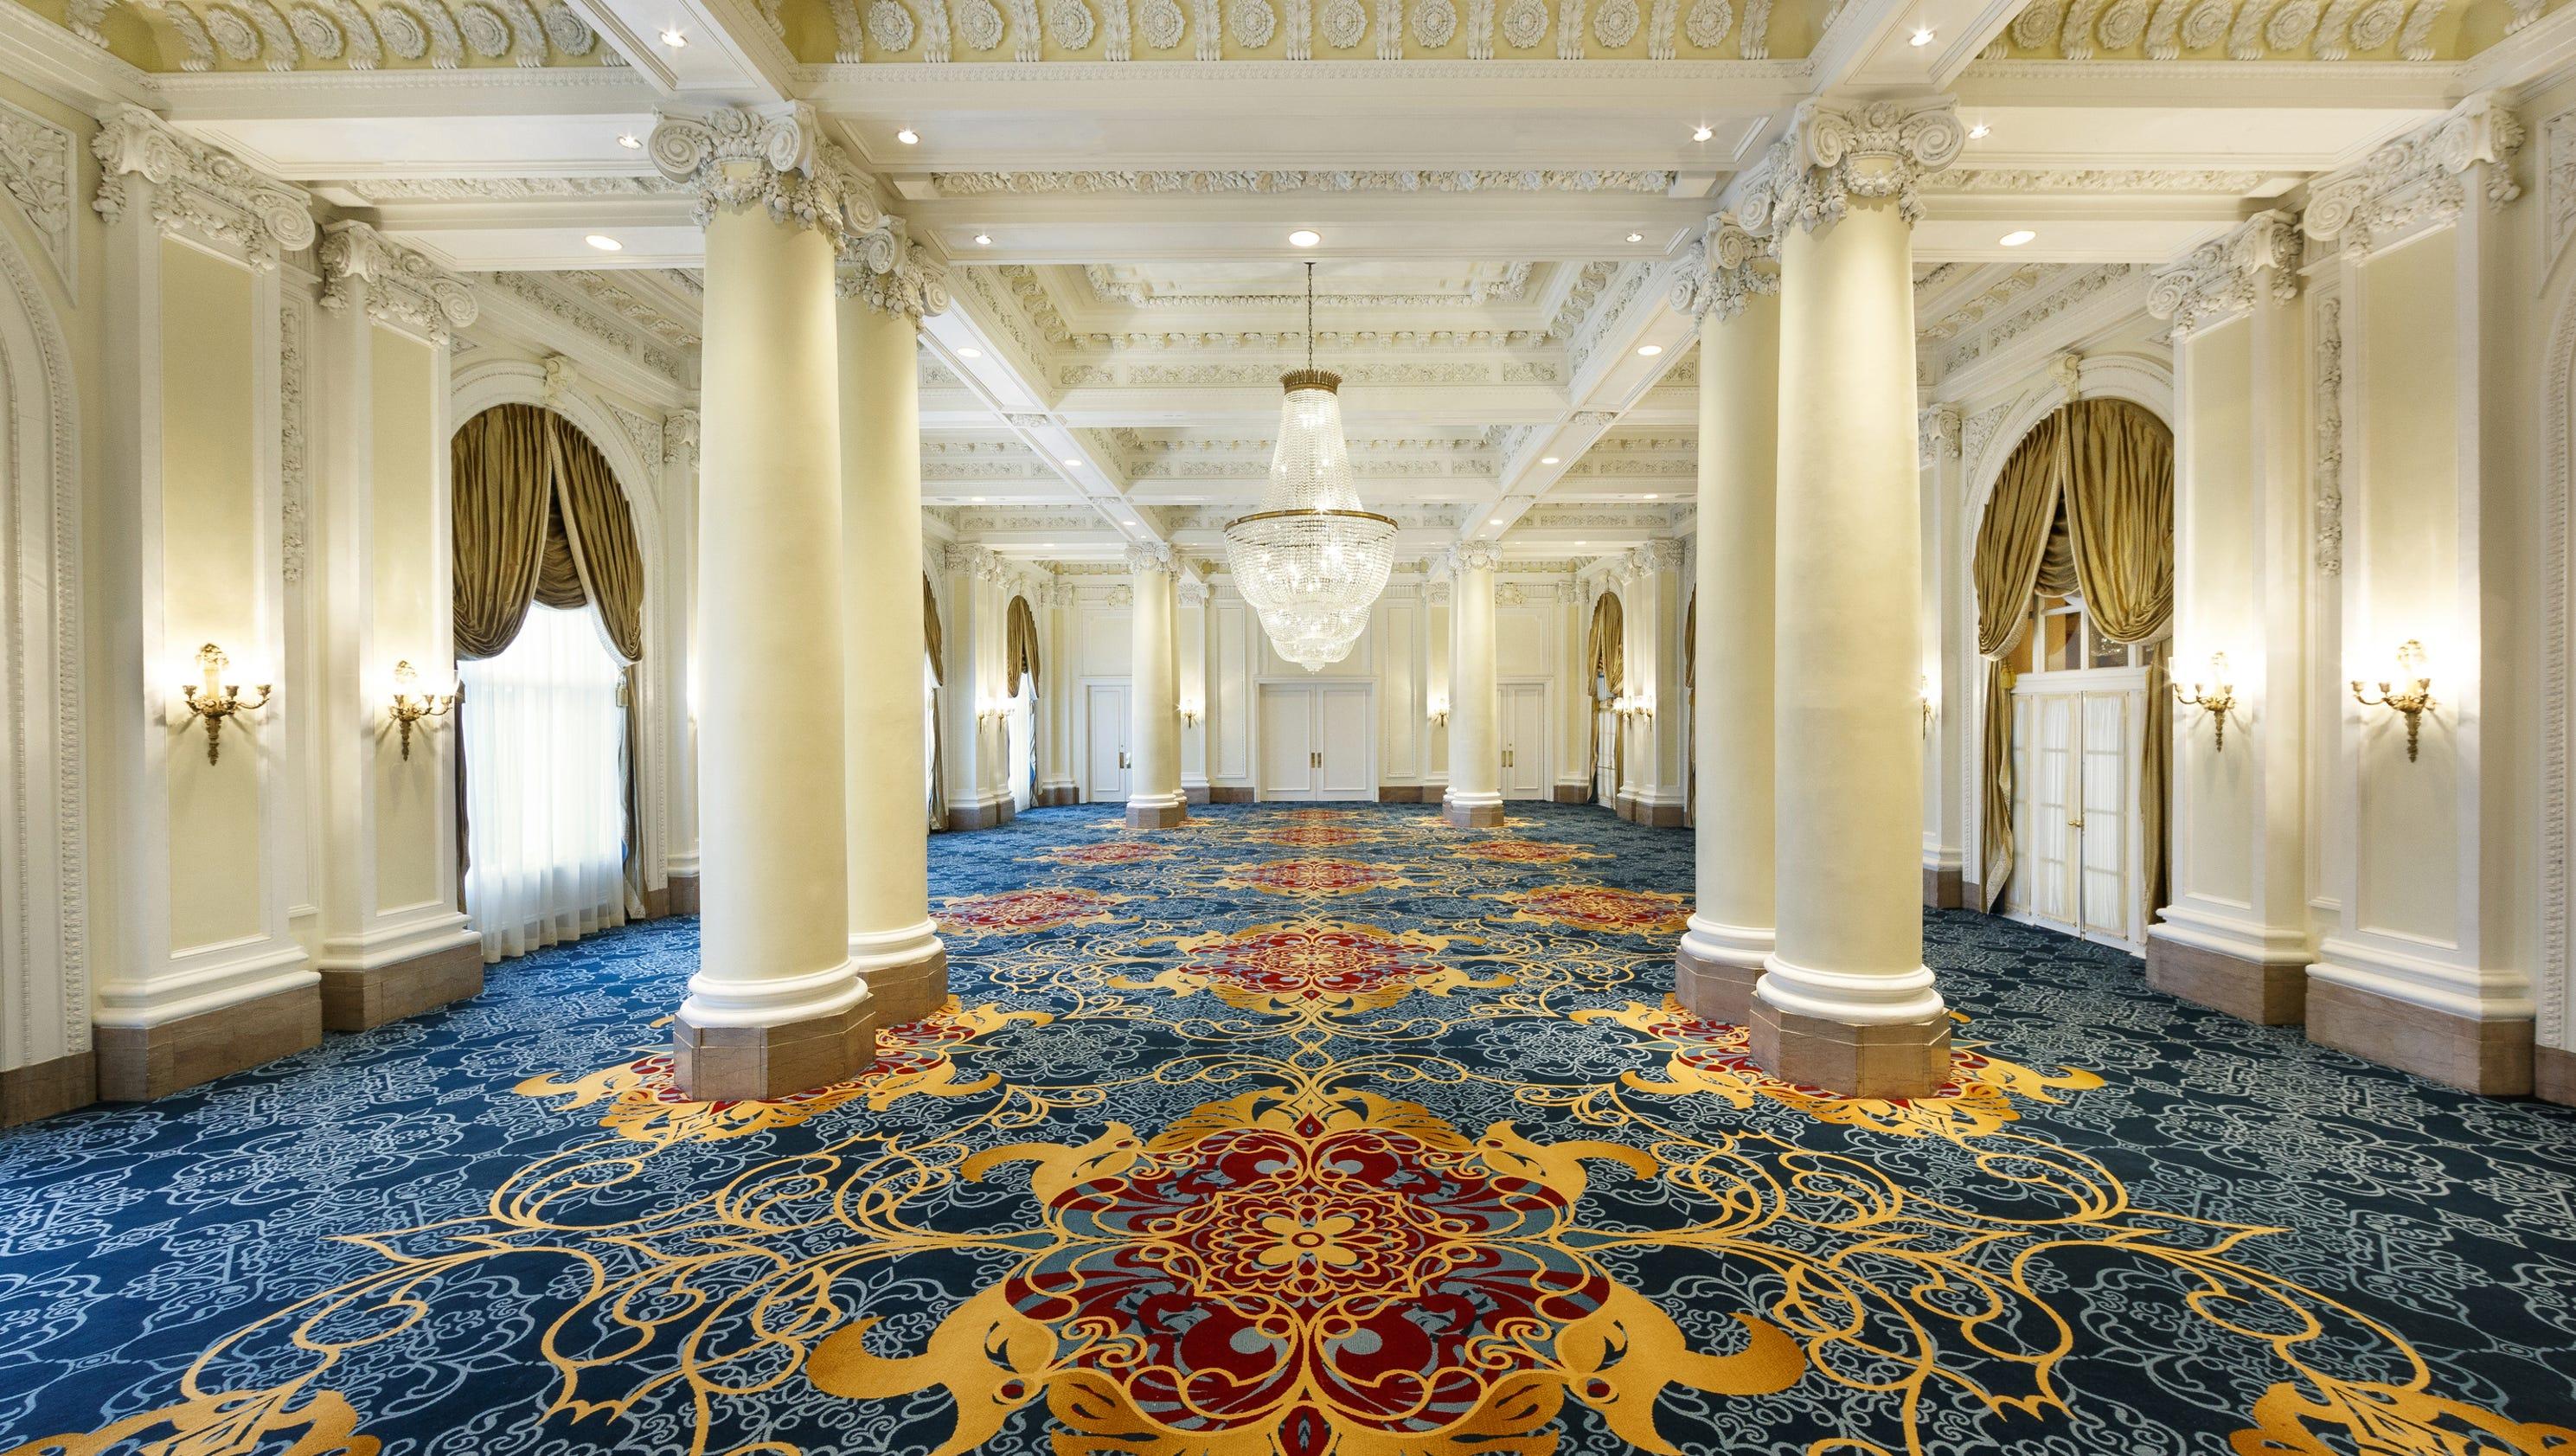 Jefferson Hotel Empire Room